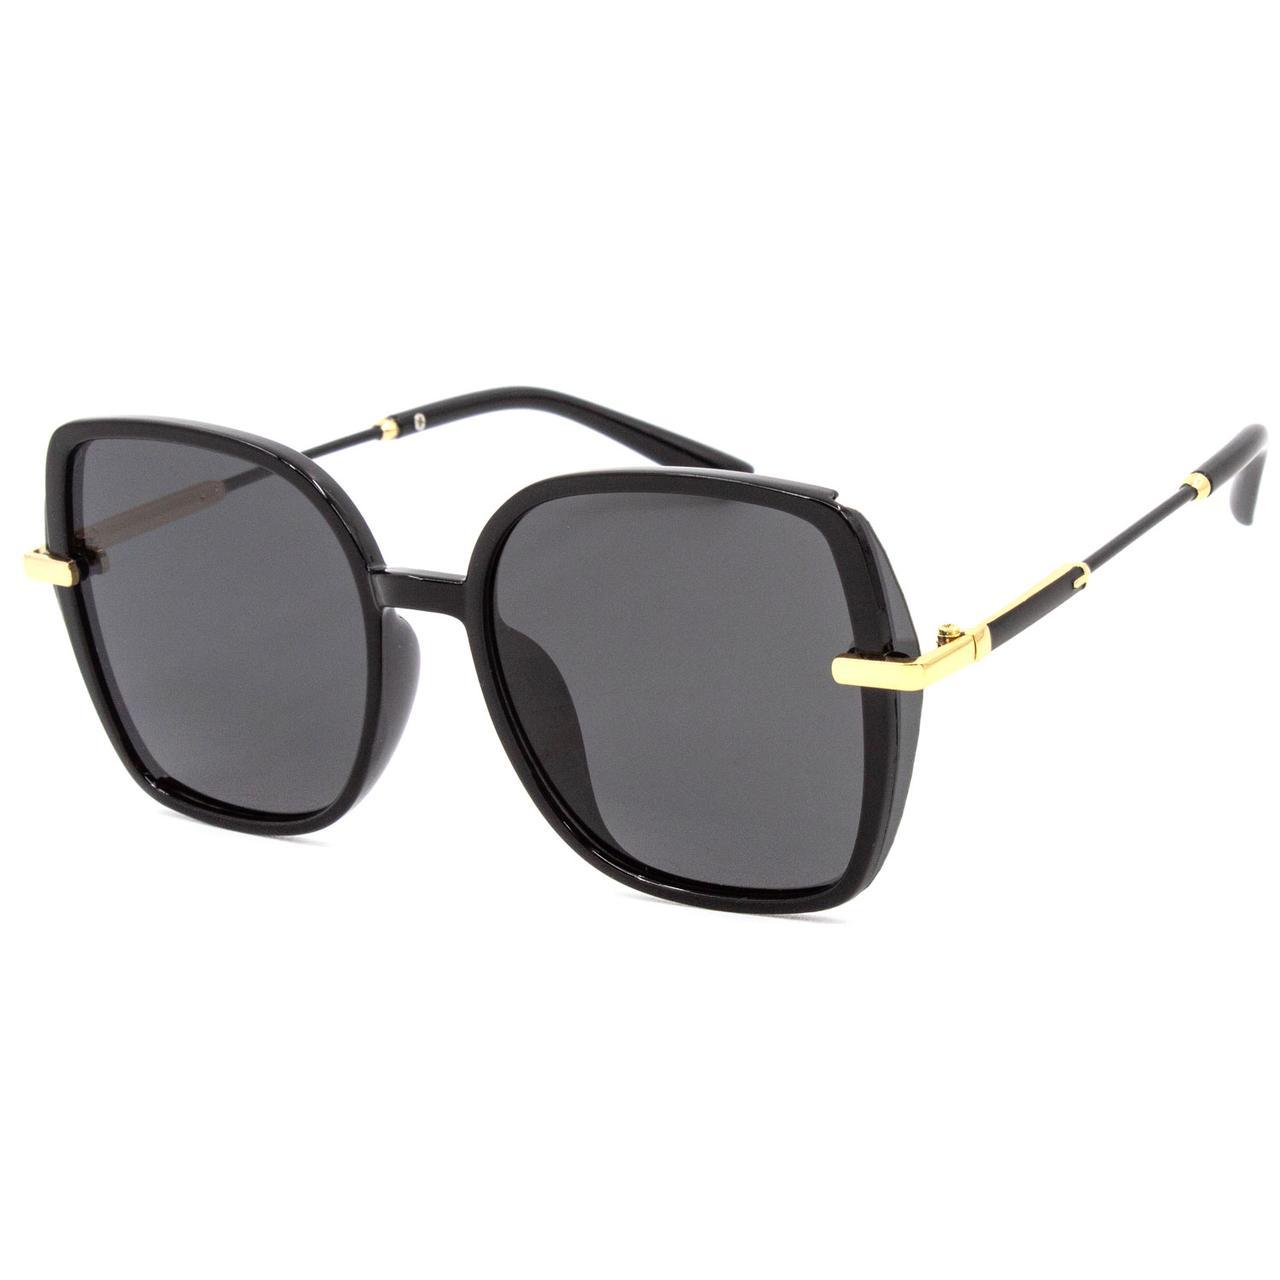 Солнцезащитные очки Marmilen Polar 3240 C1 черные    ( 3240-01 )